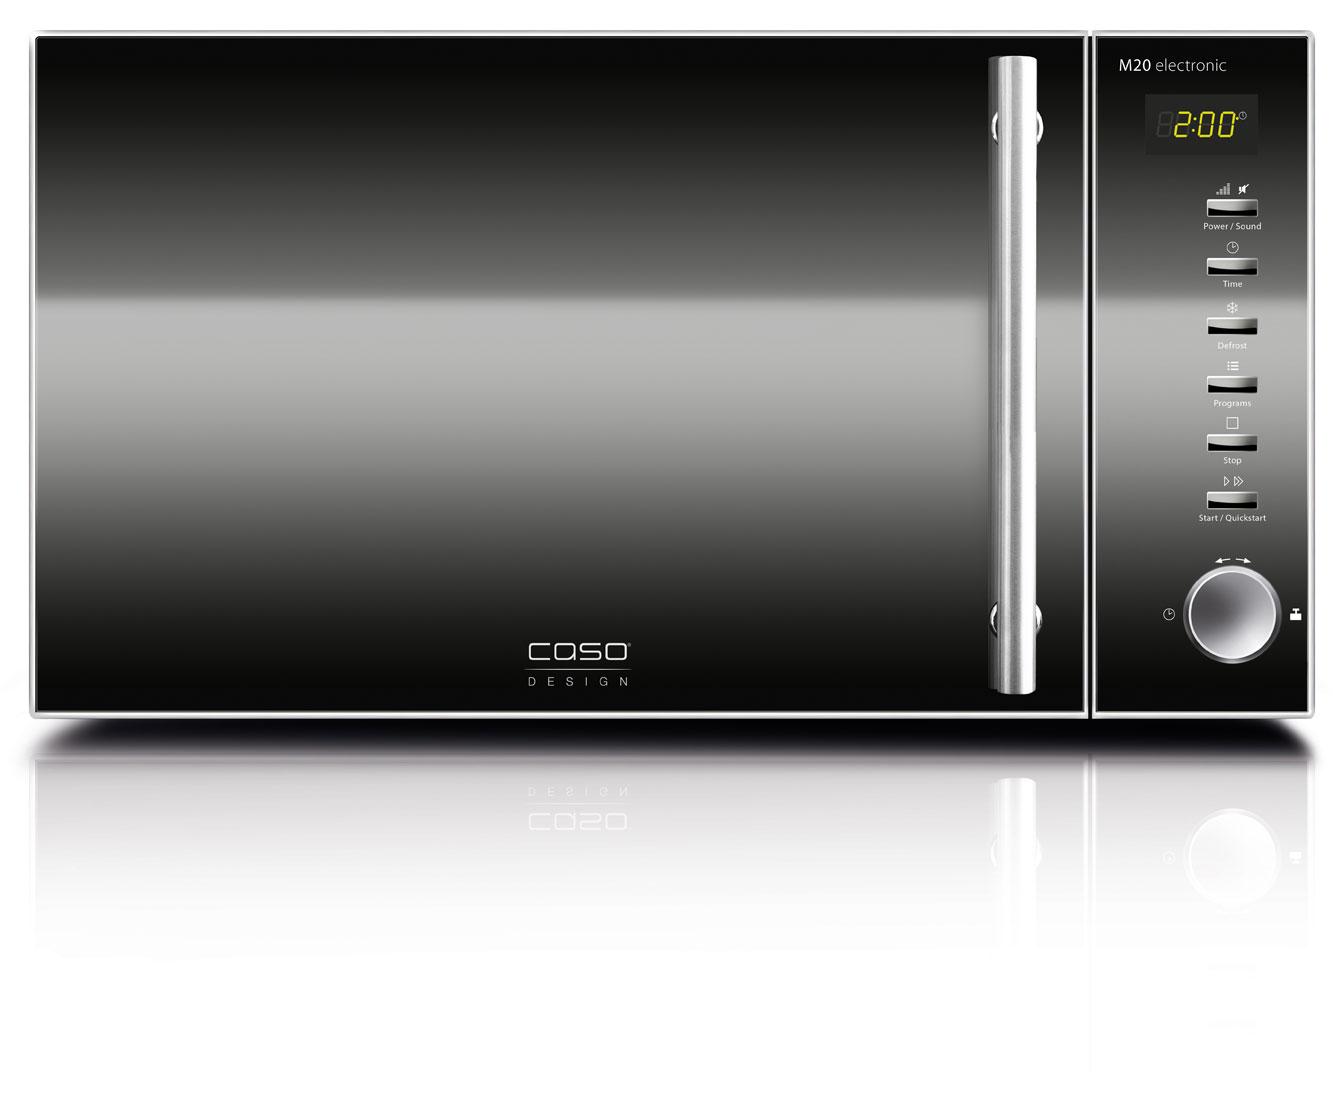 CASO M20 Electronic Mikrowellen - Schwarz | Küche und Esszimmer > Küchenelektrogeräte > Mikrowellen | Schwarz | CASO